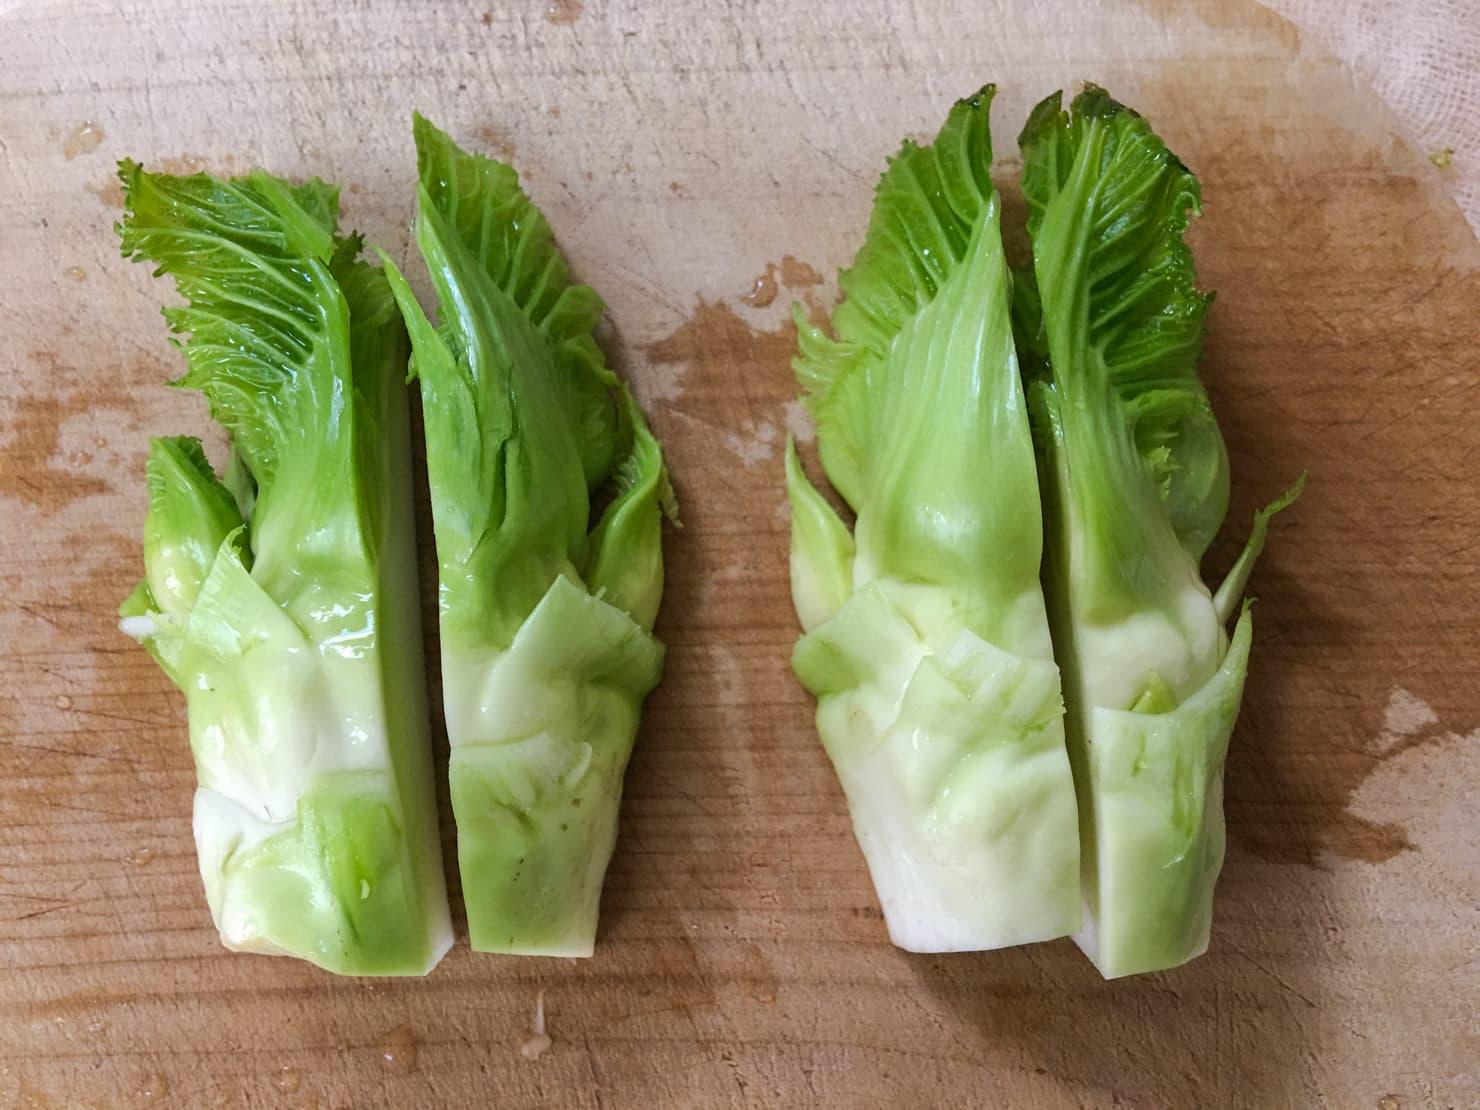 子持ち高菜を切ったところの写真